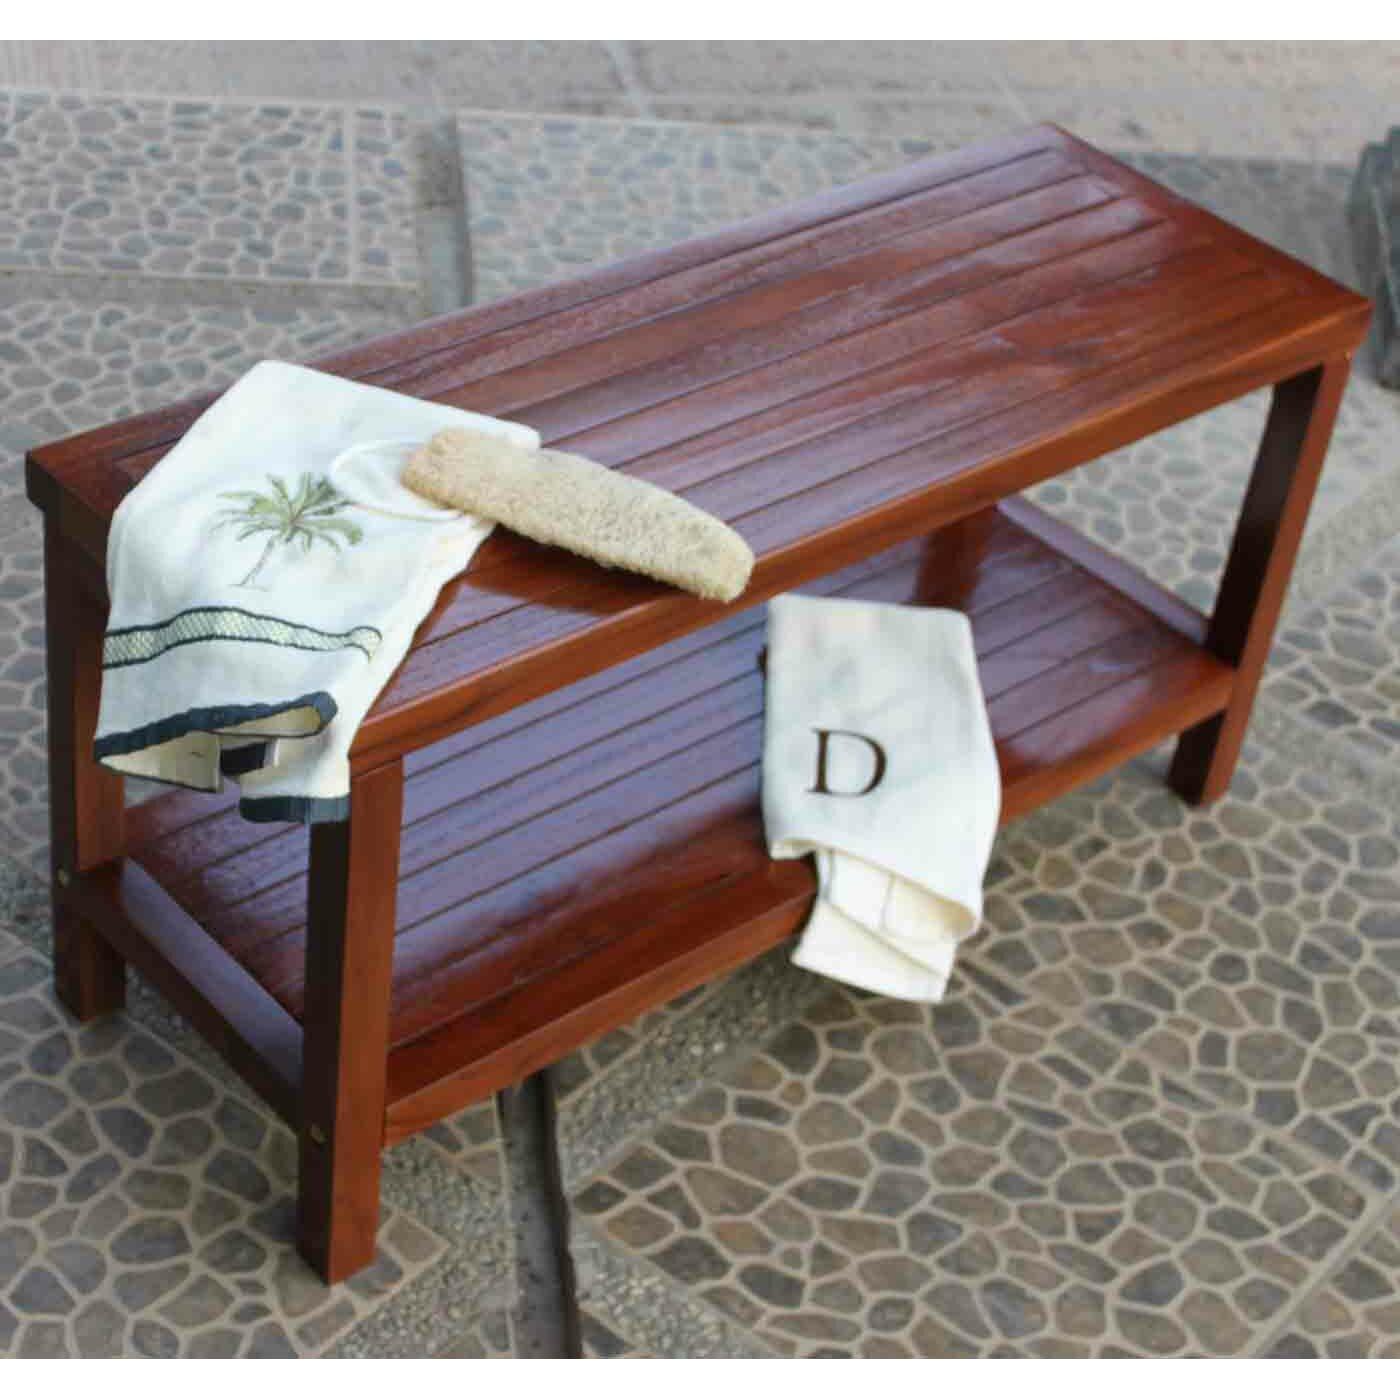 Decoteak Classic Teak Outdoor End Table & Reviews | Wayfair